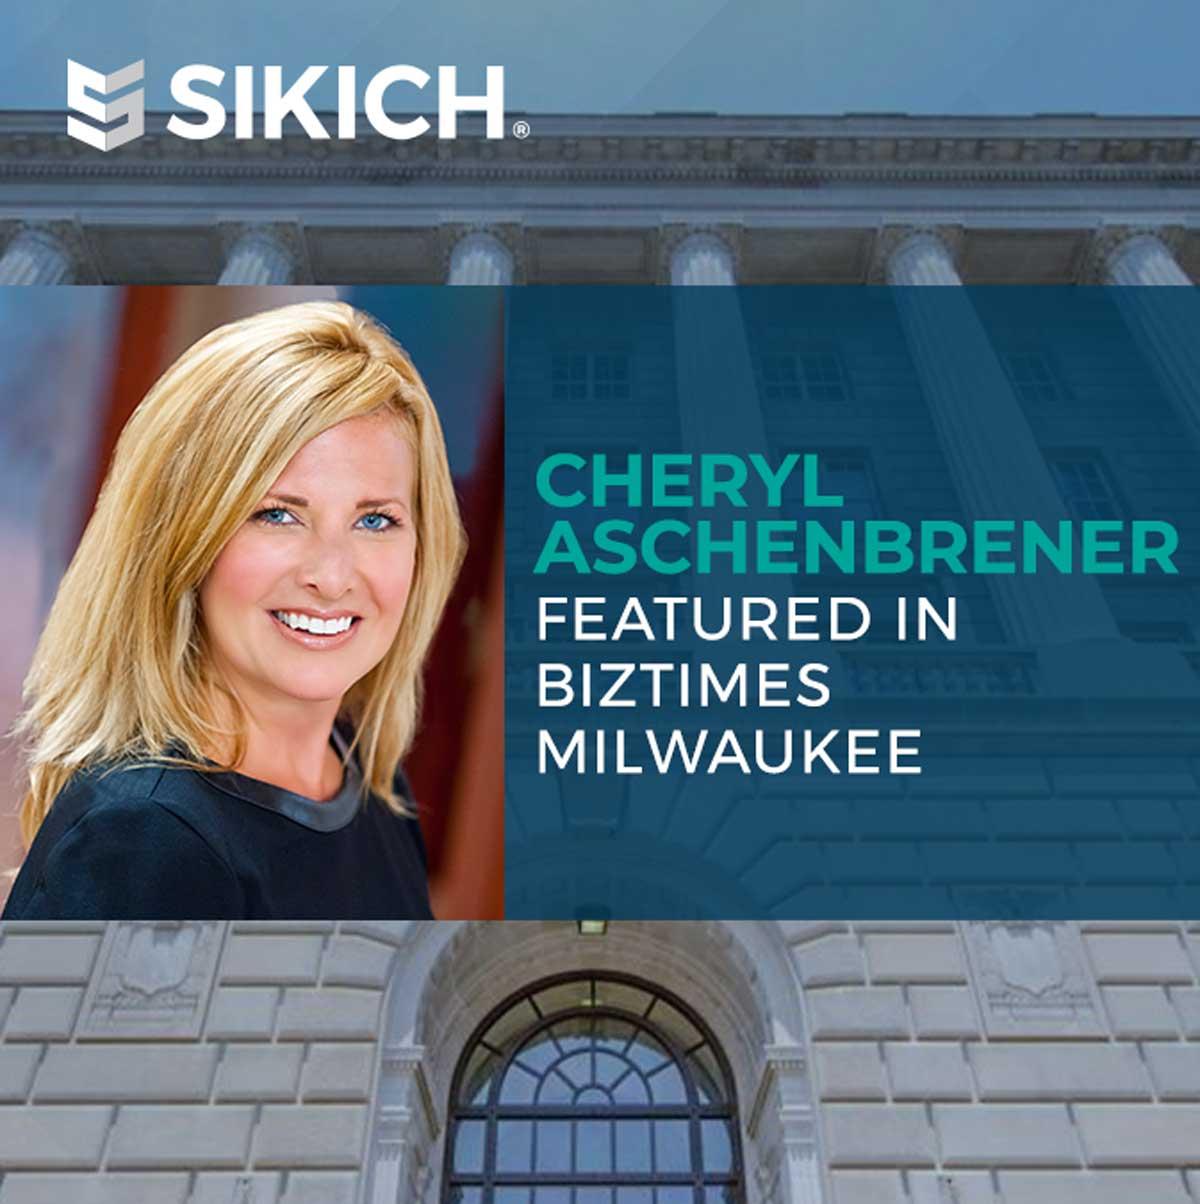 Cheryl-Aschenbrener-Featured-in-BizTimes-Milwaukee